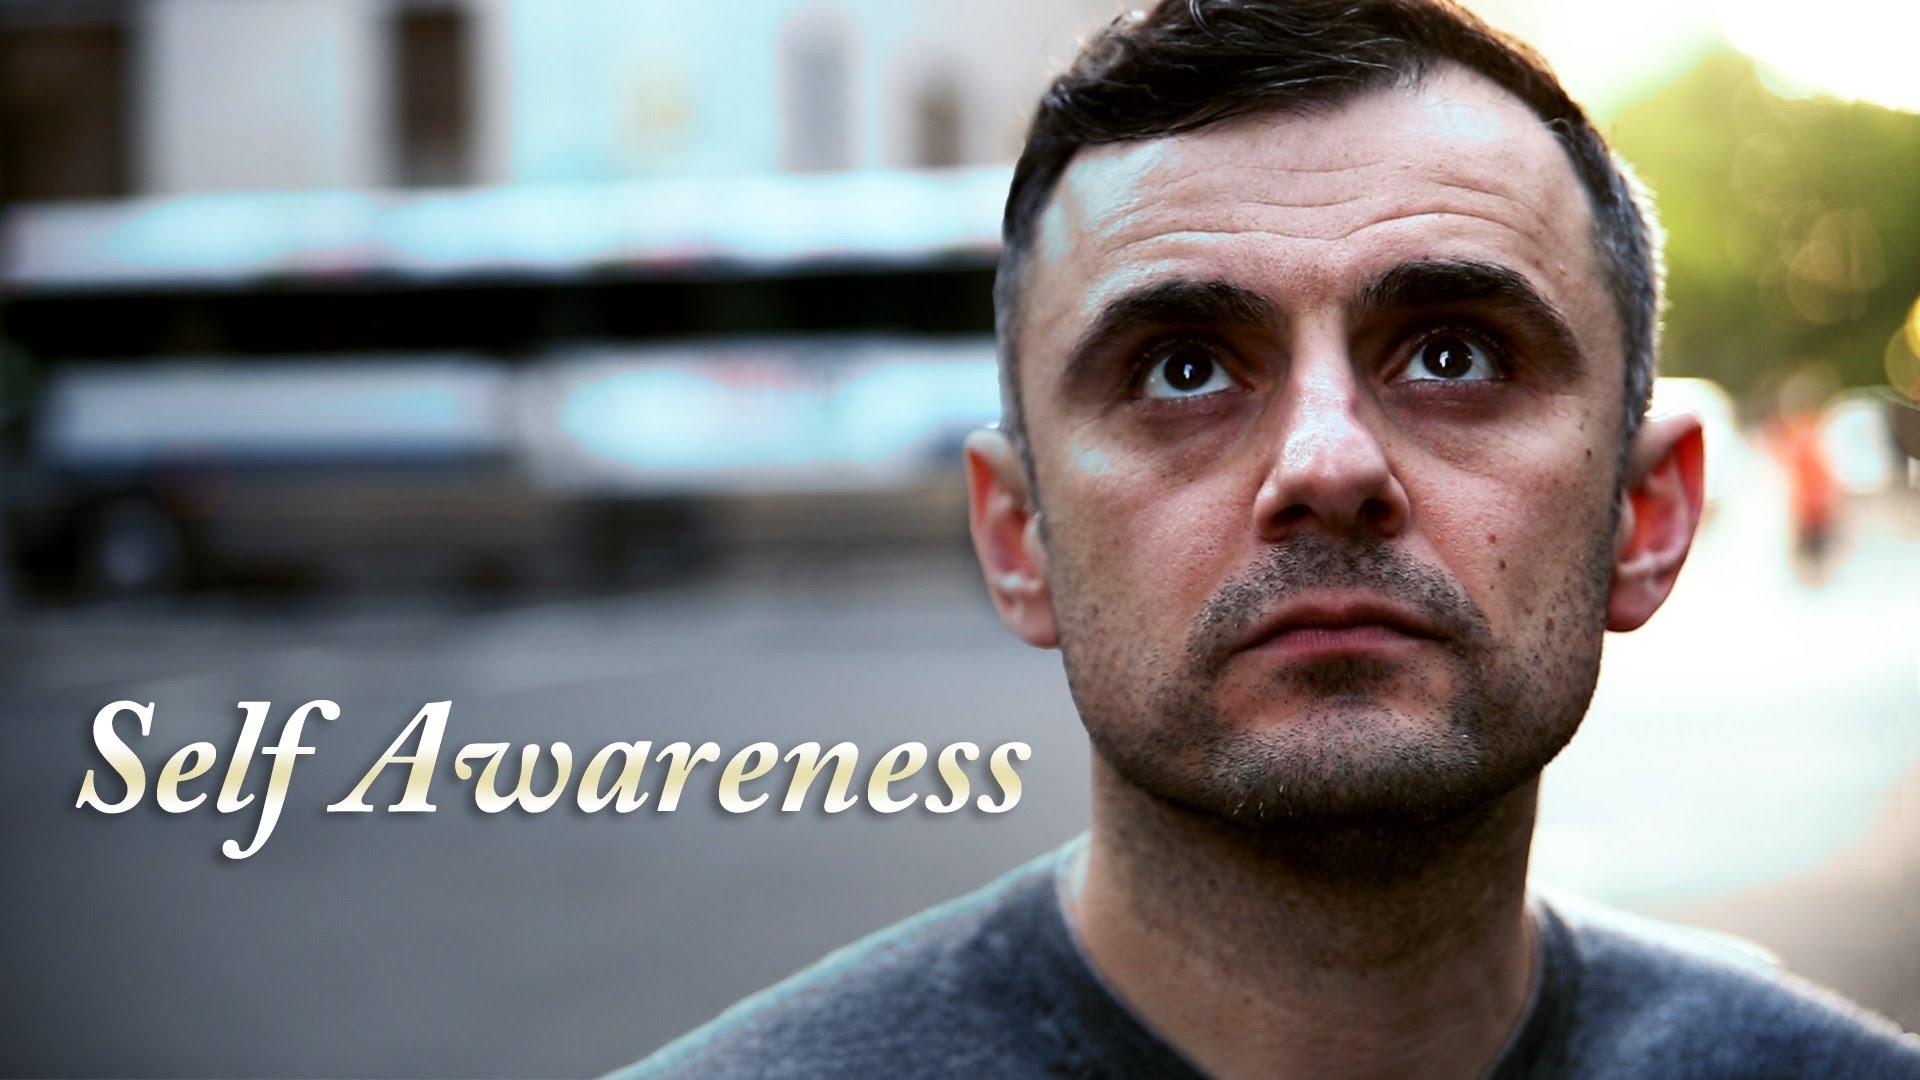 Self Awareness for entrepreneurs